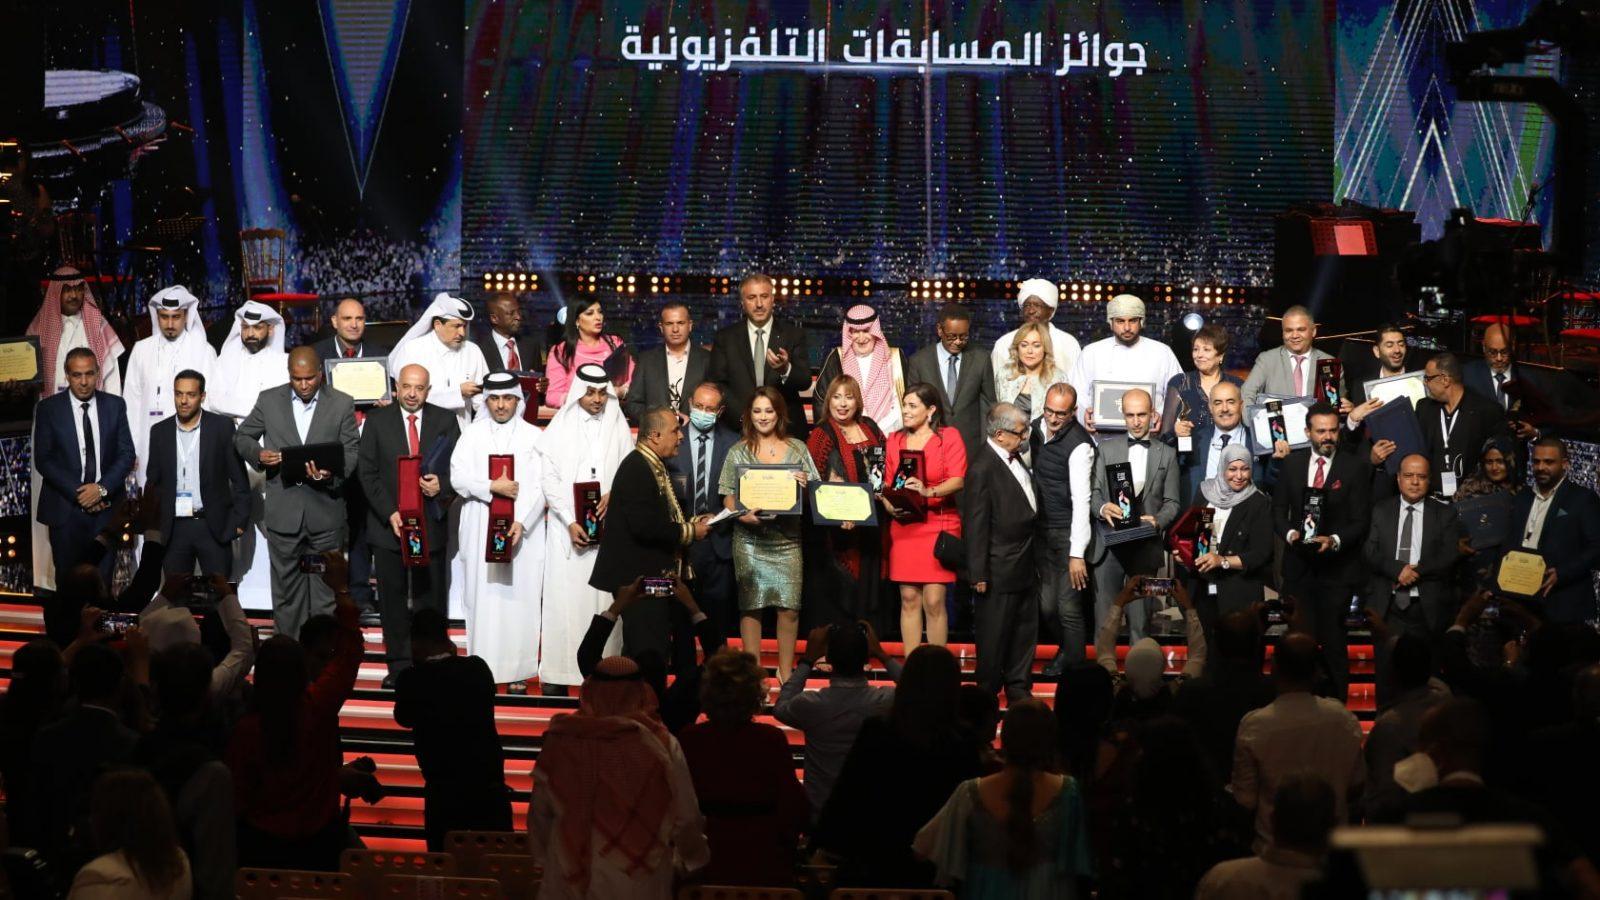 جوائز بالجملة لتونس في اختتام المهرجان العربي للإذاعة والتلفزيون